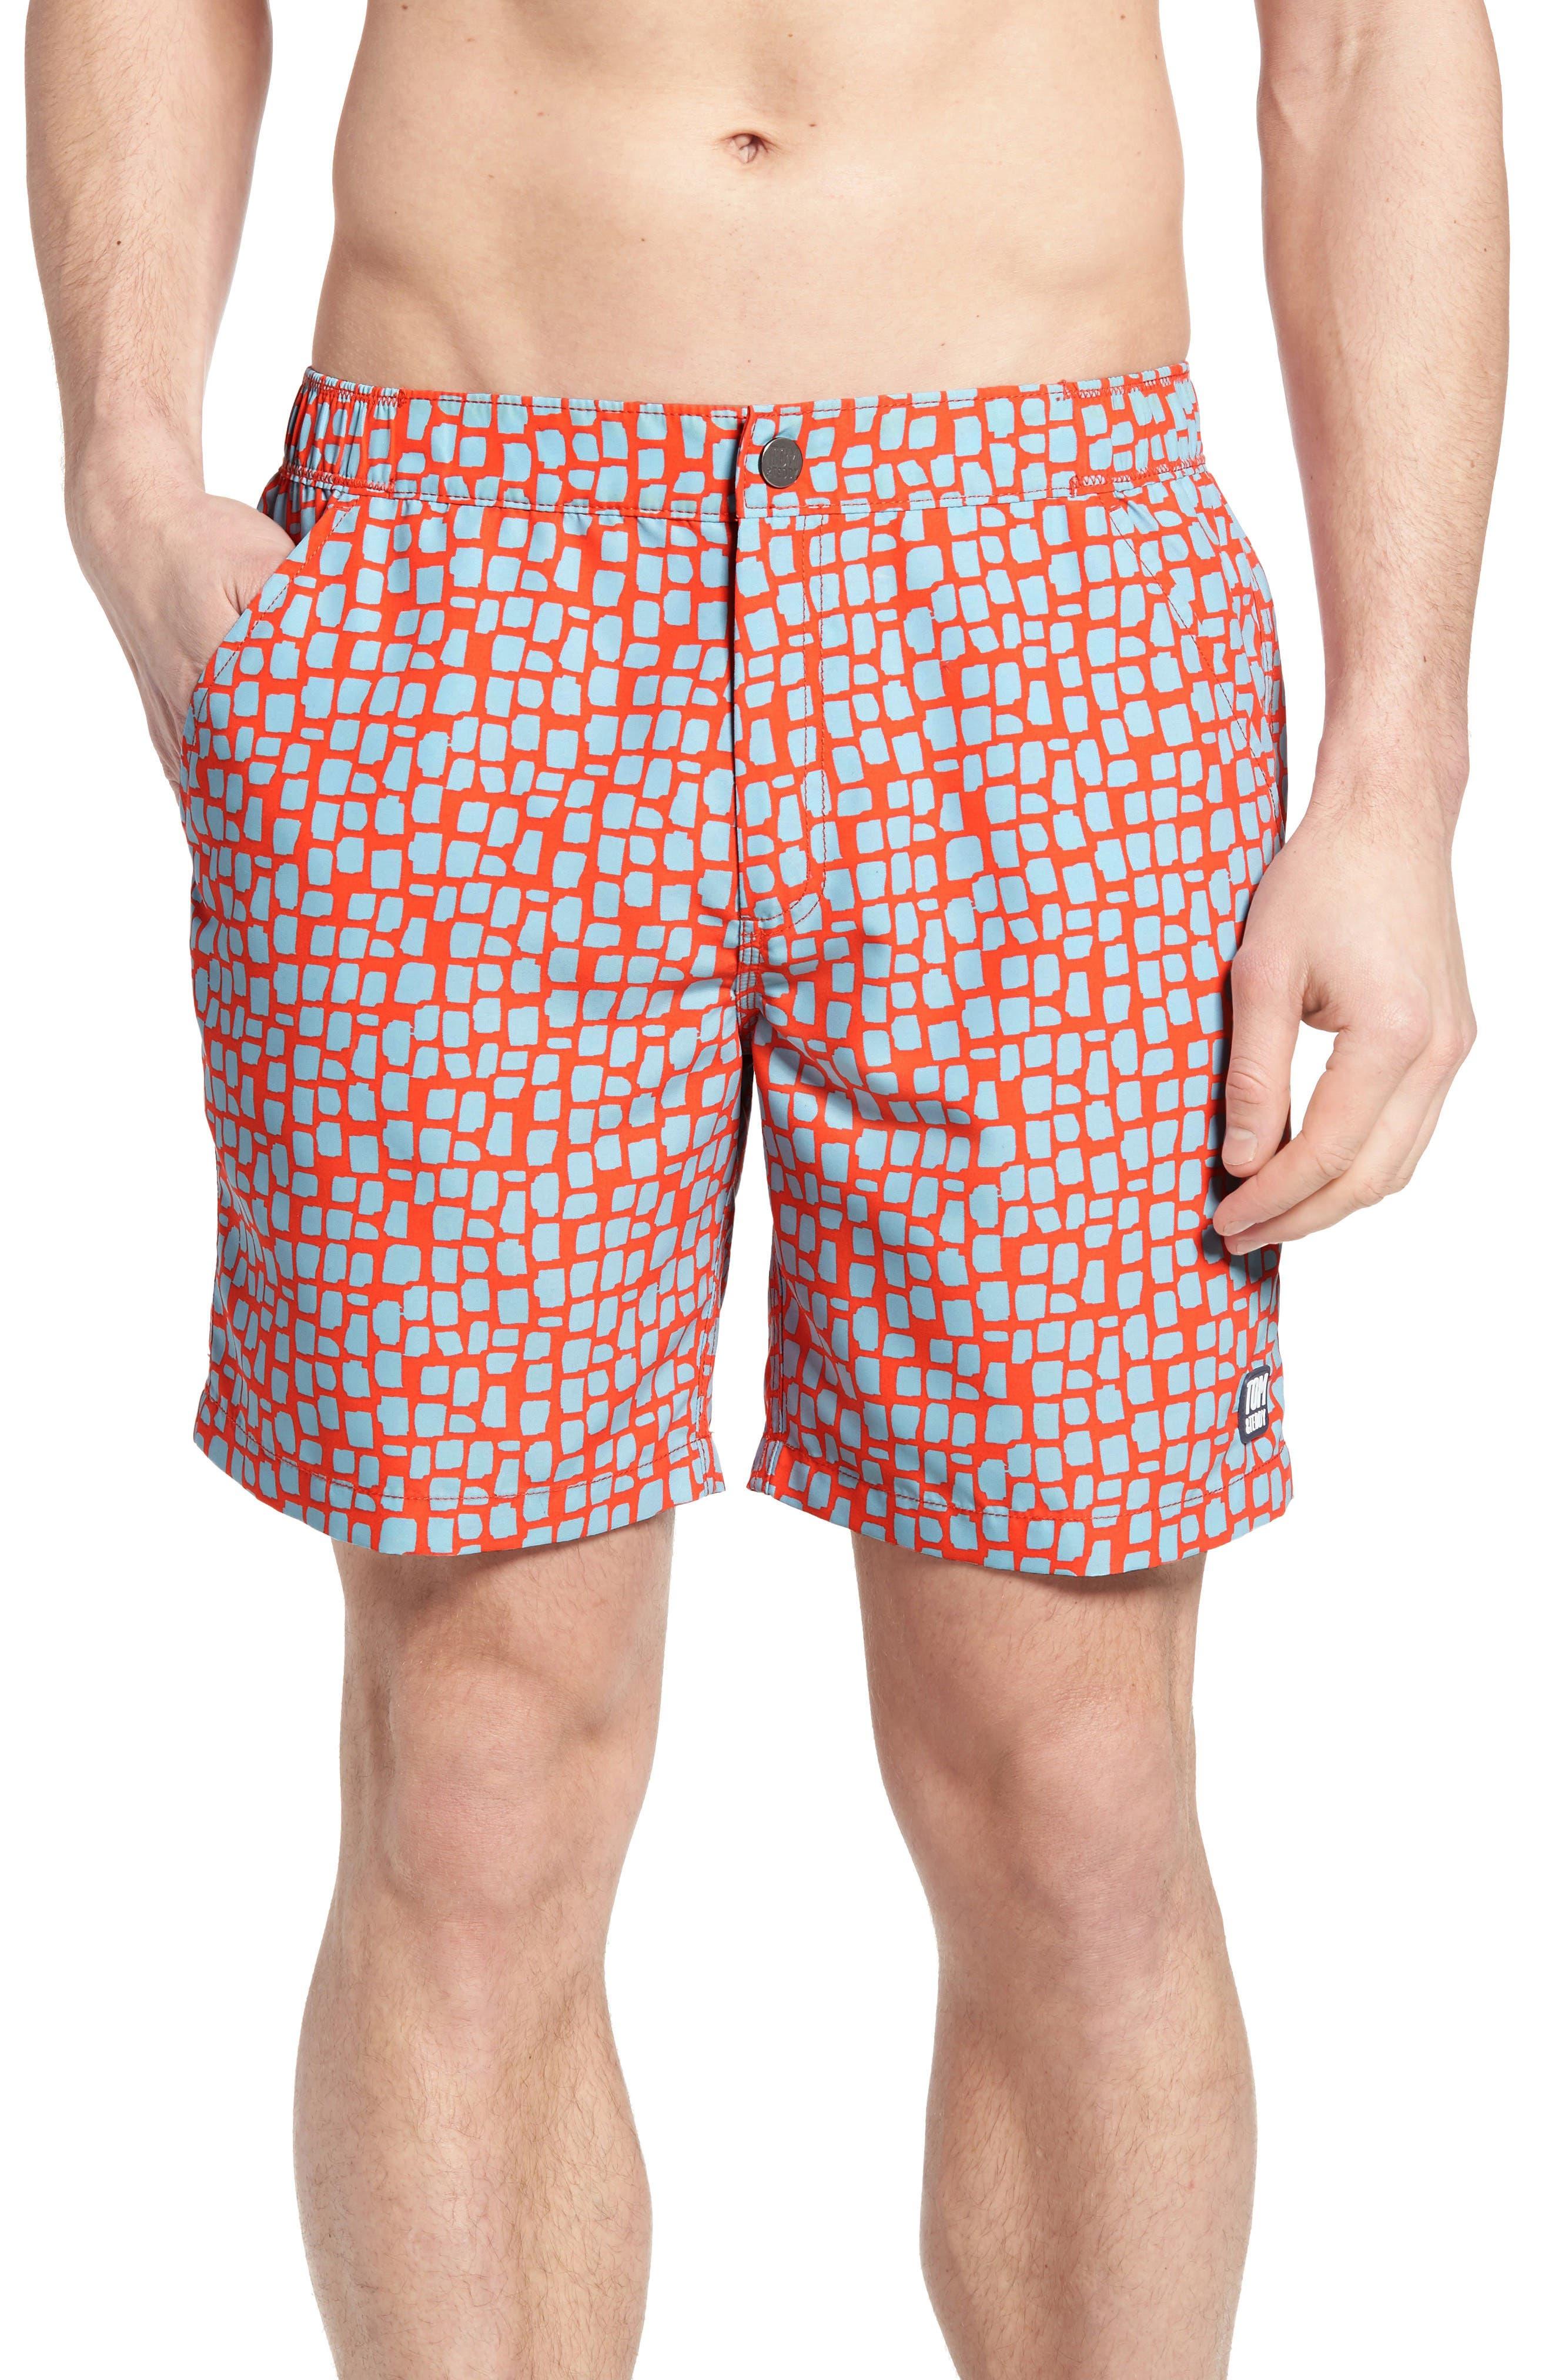 TOM & TEDDY Skin Print Swim Trunks in Hot Coral